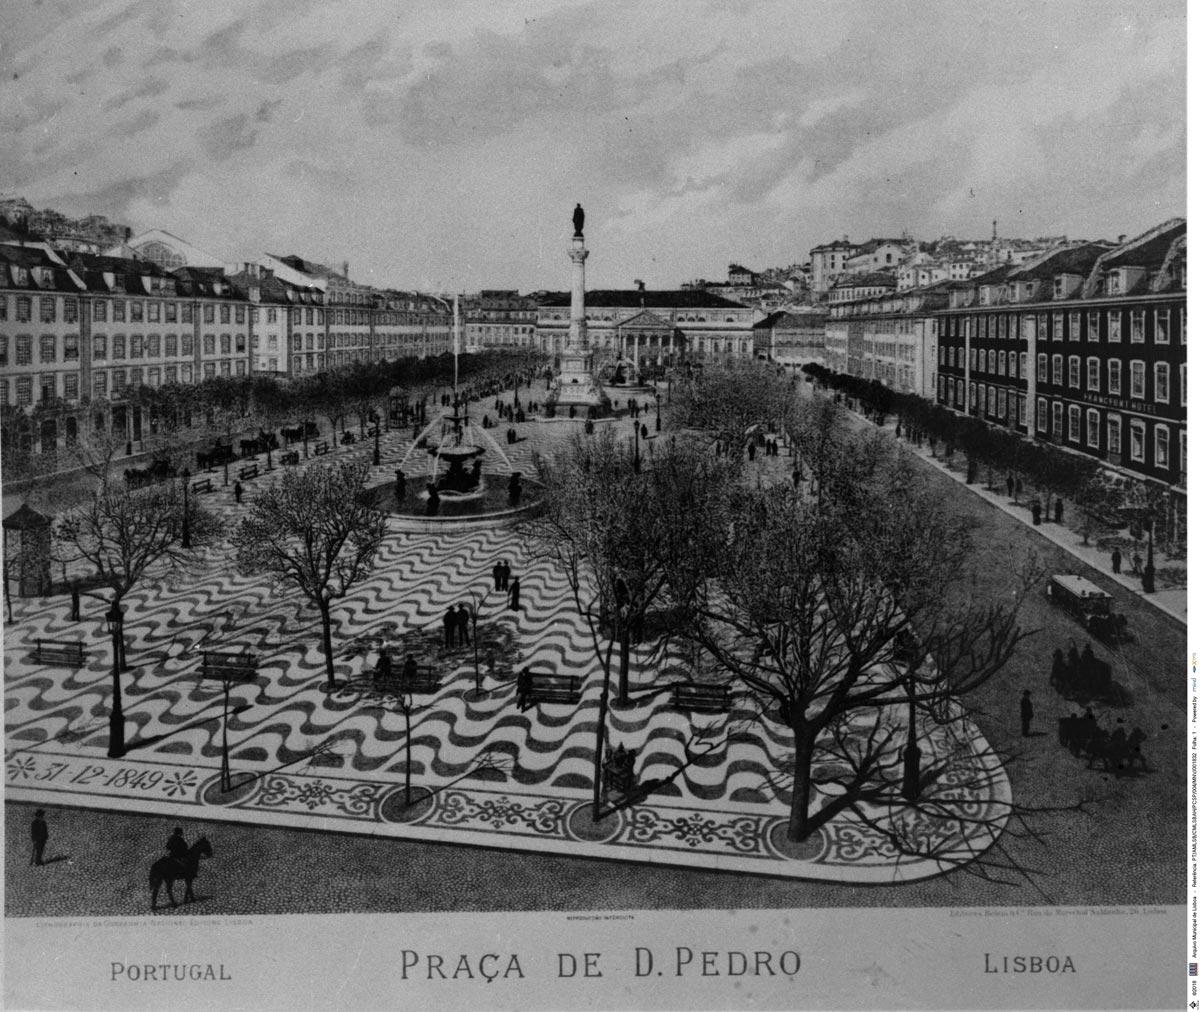 Arquivo Municipal de Lisboa; Calçada Portuguesa da Praça Dom Pedro IV; 1977; Estúdio Mário Novais; PT/AMLSB/CMLSBAH/PCSP/004/MNV/001832